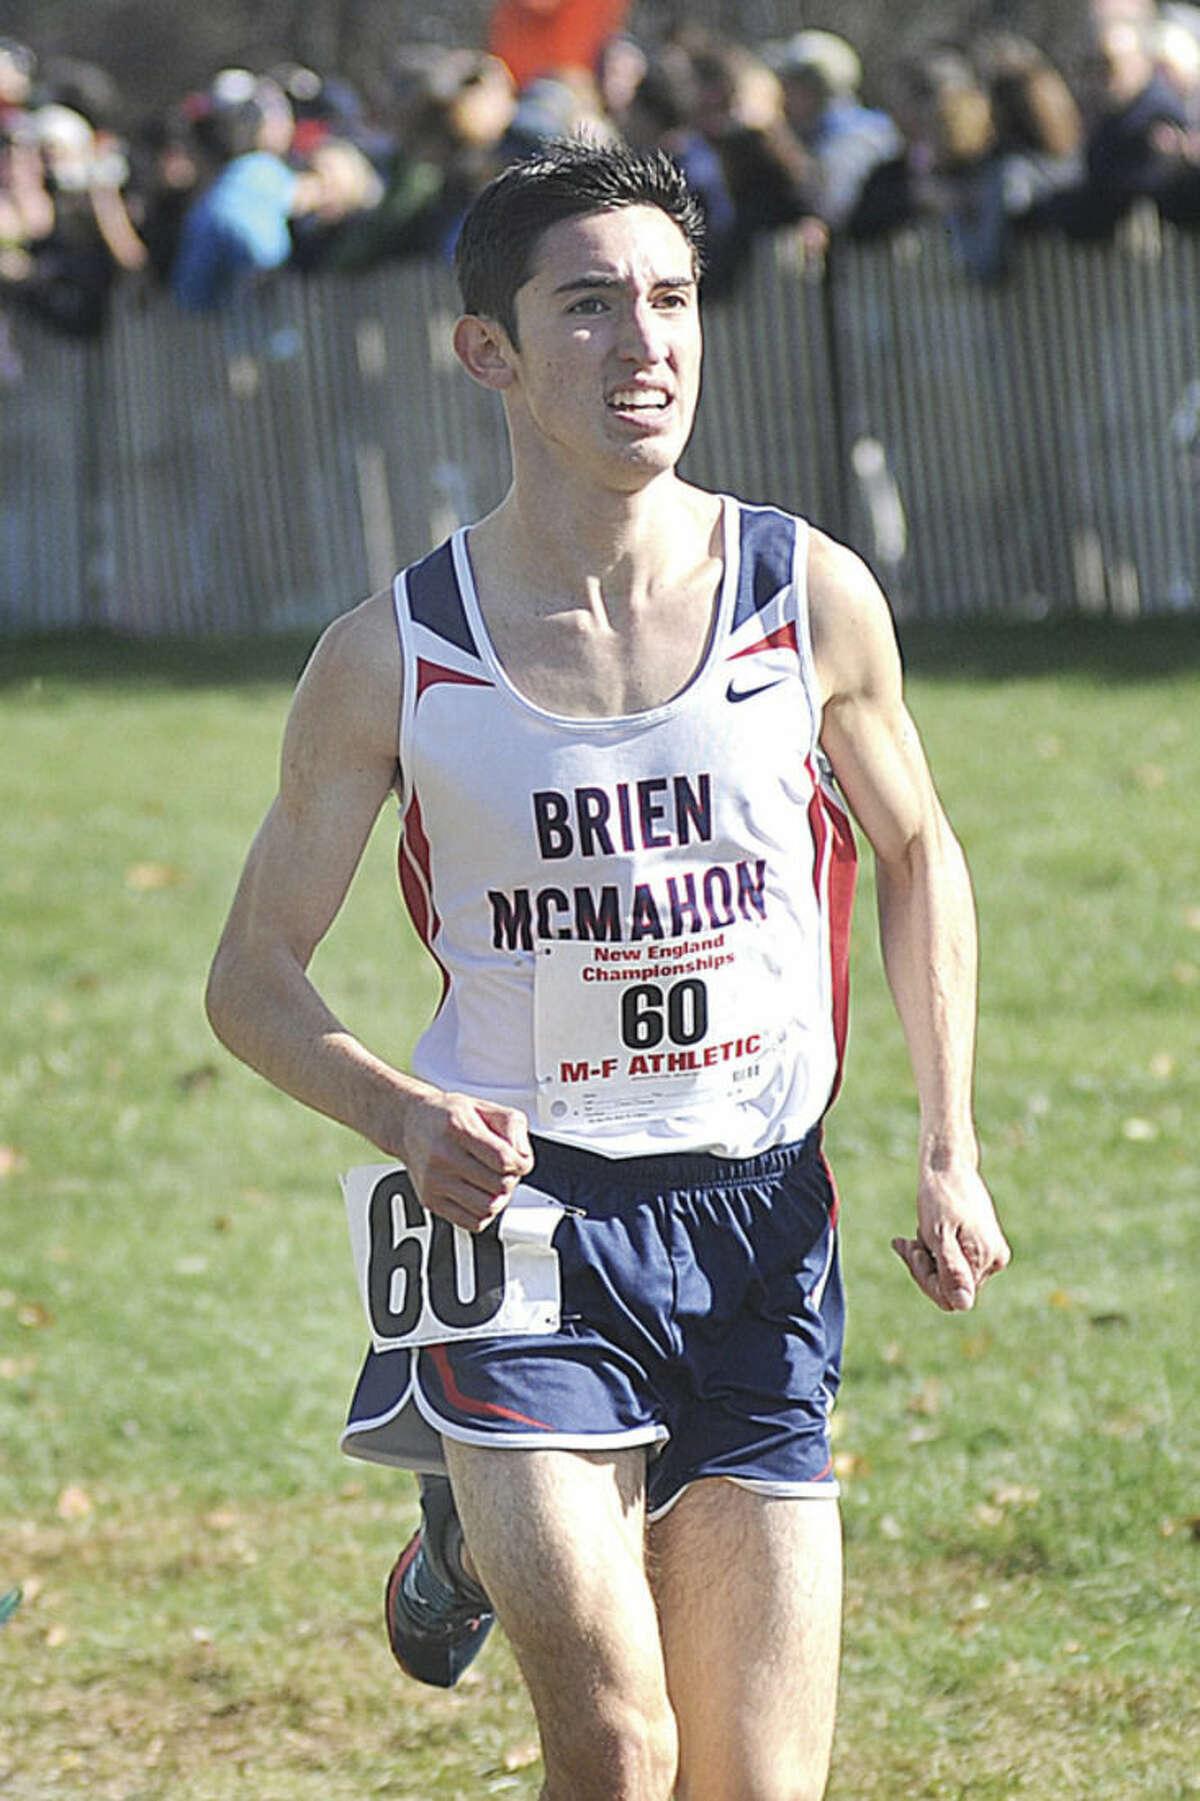 Eric van der Els of Brien McMahon